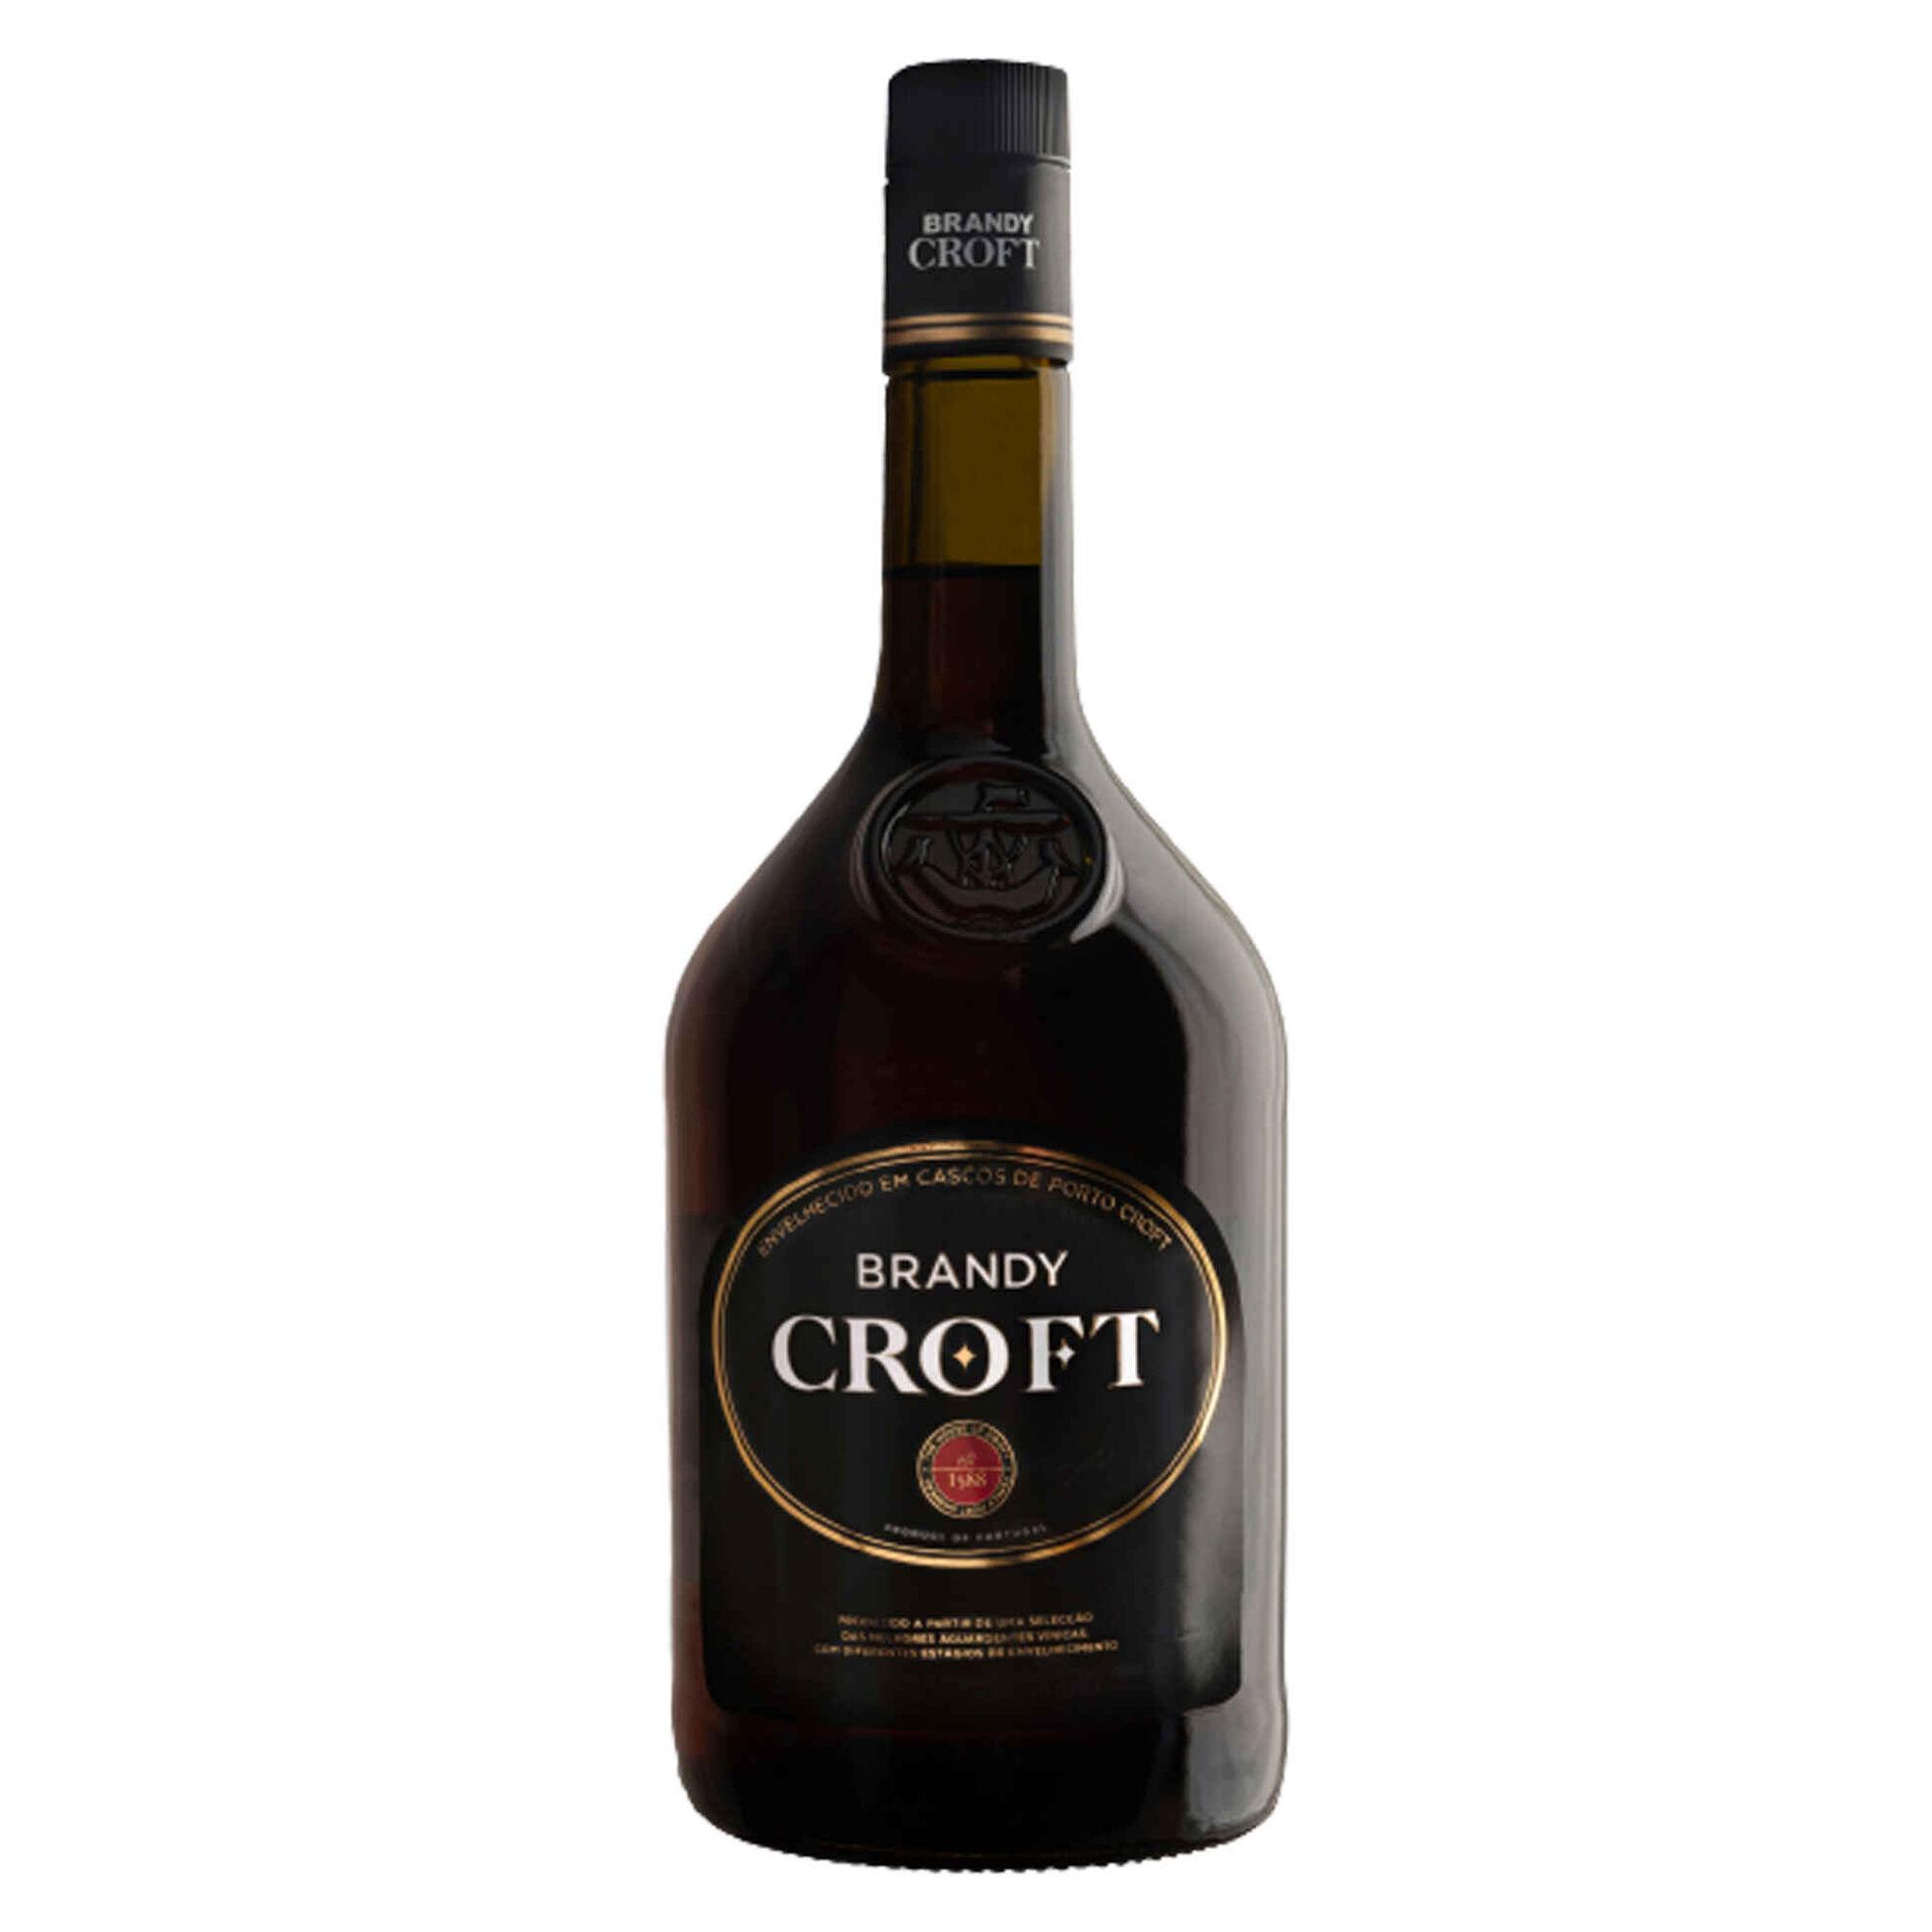 Brandy Croft